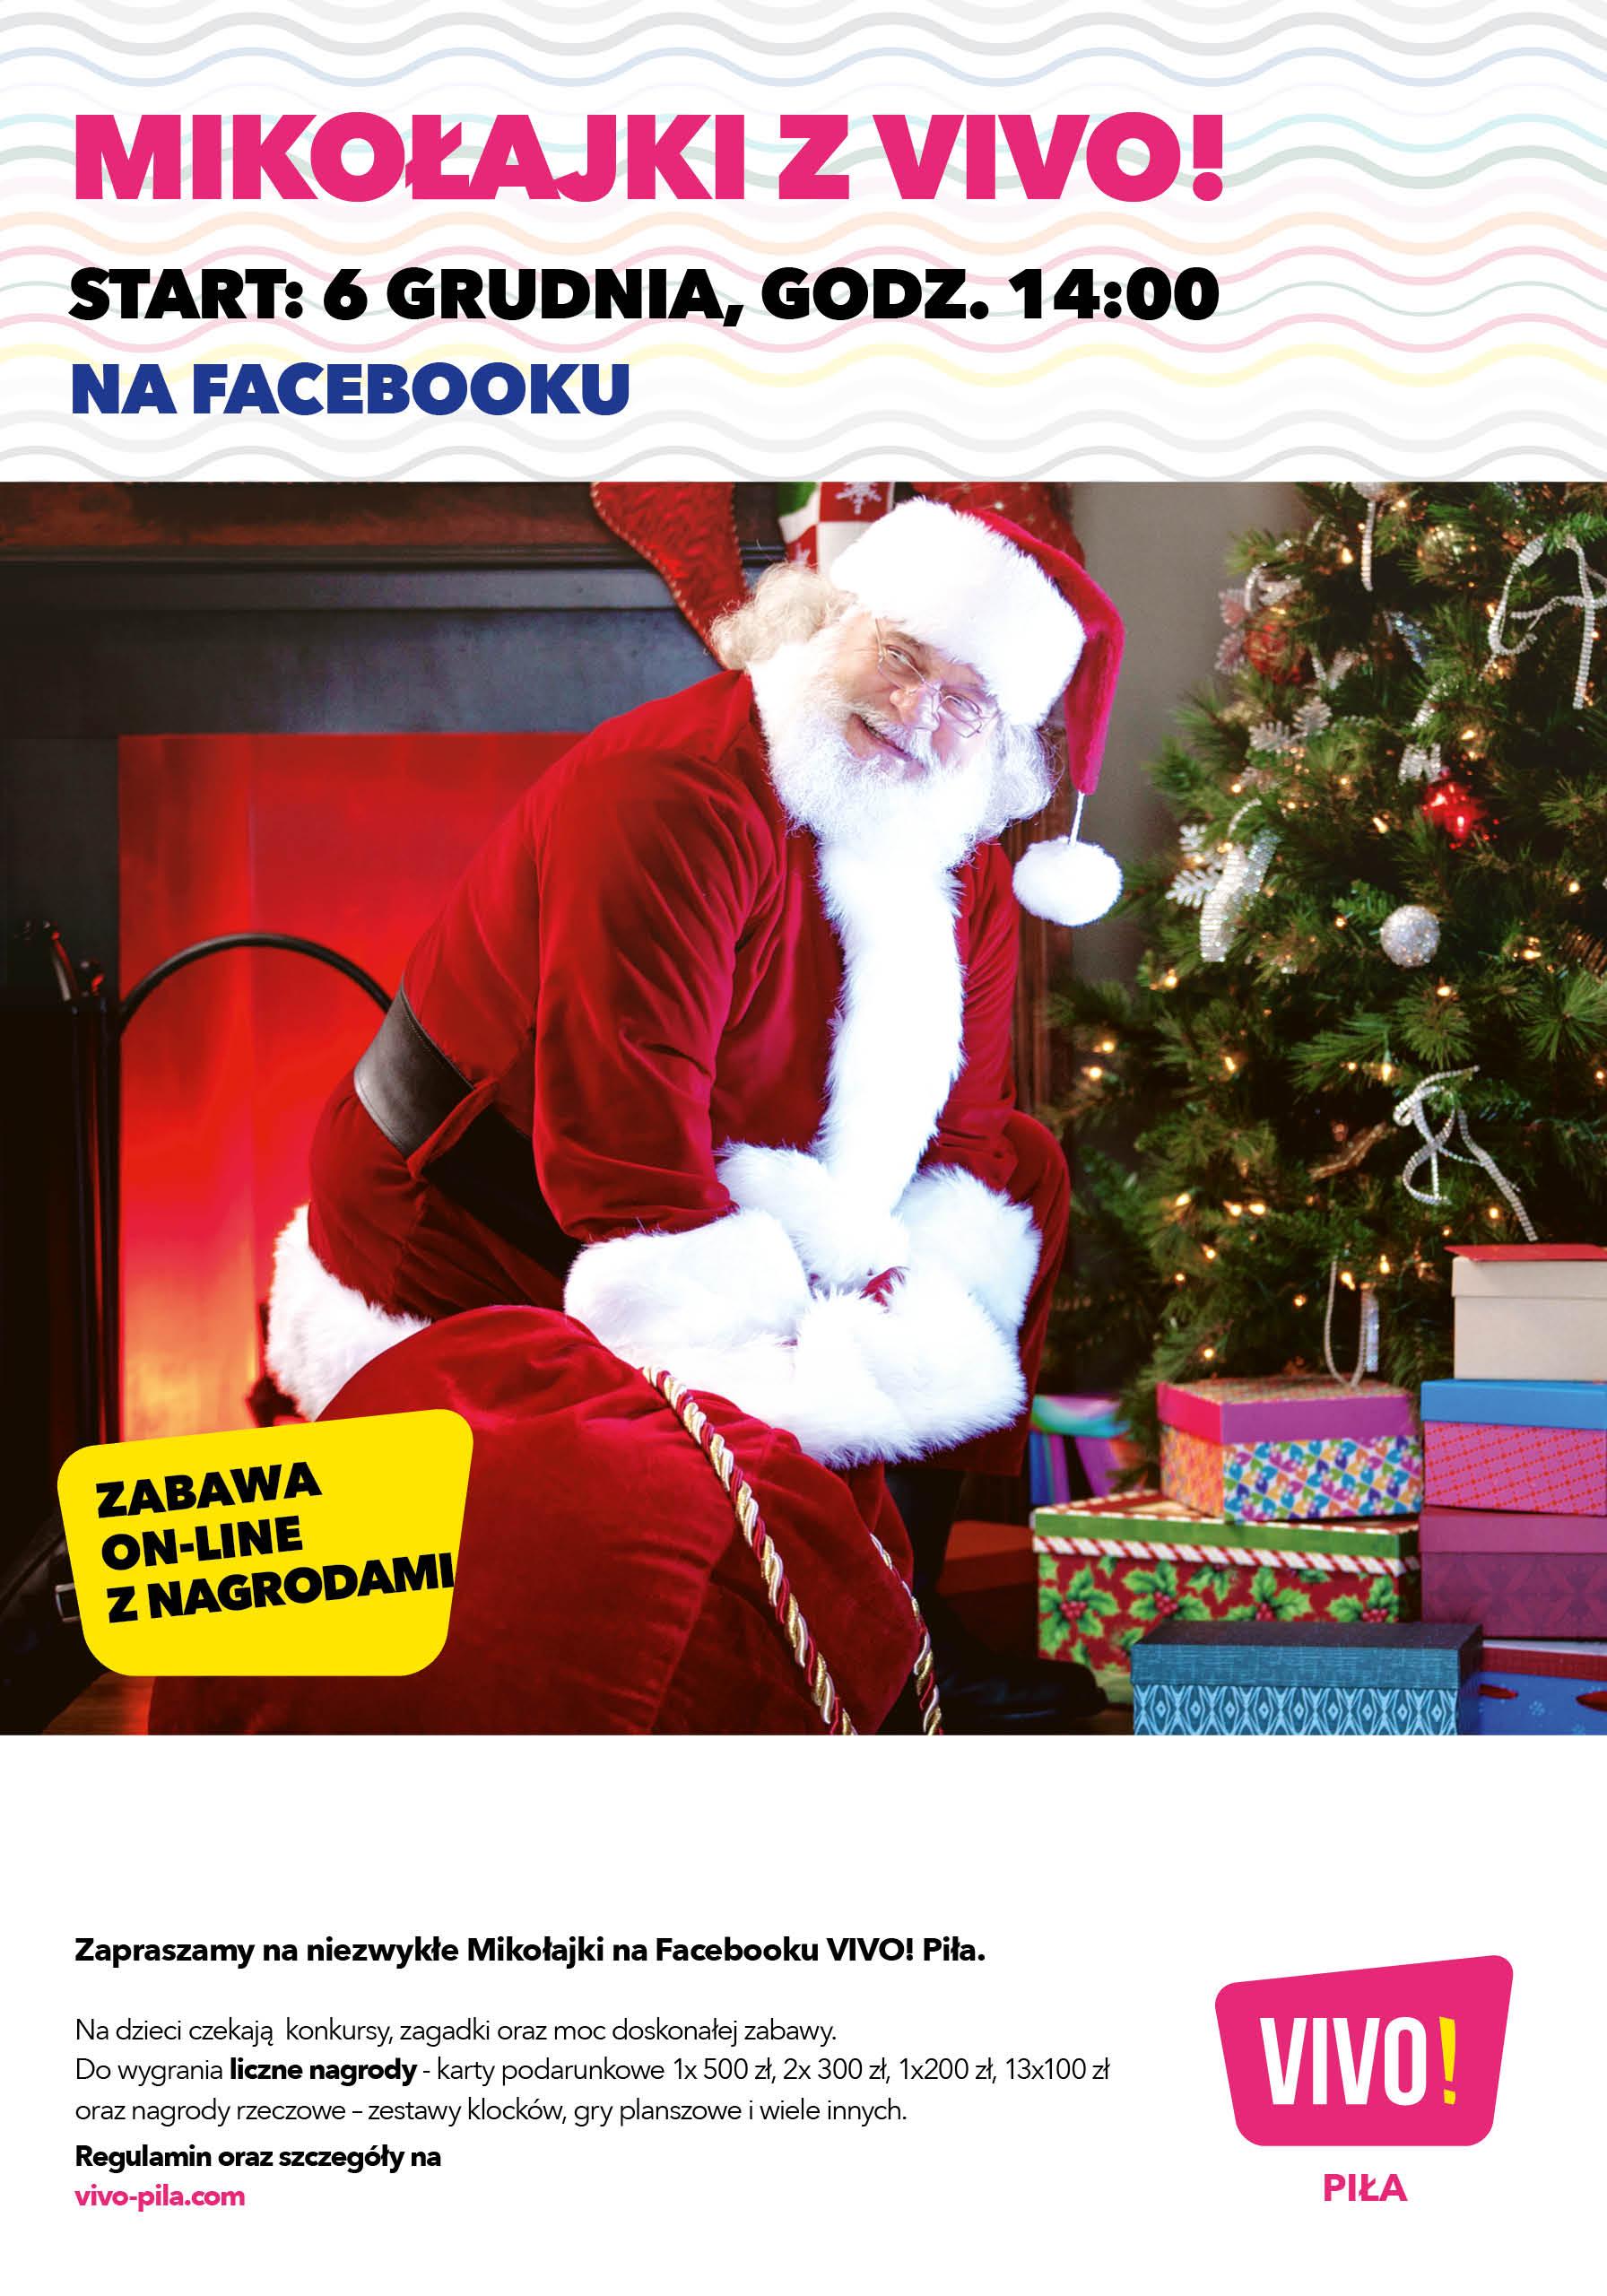 VIVO! Piła rozdaje prezenty podczas mikołajkowej transmisji na Facebooku